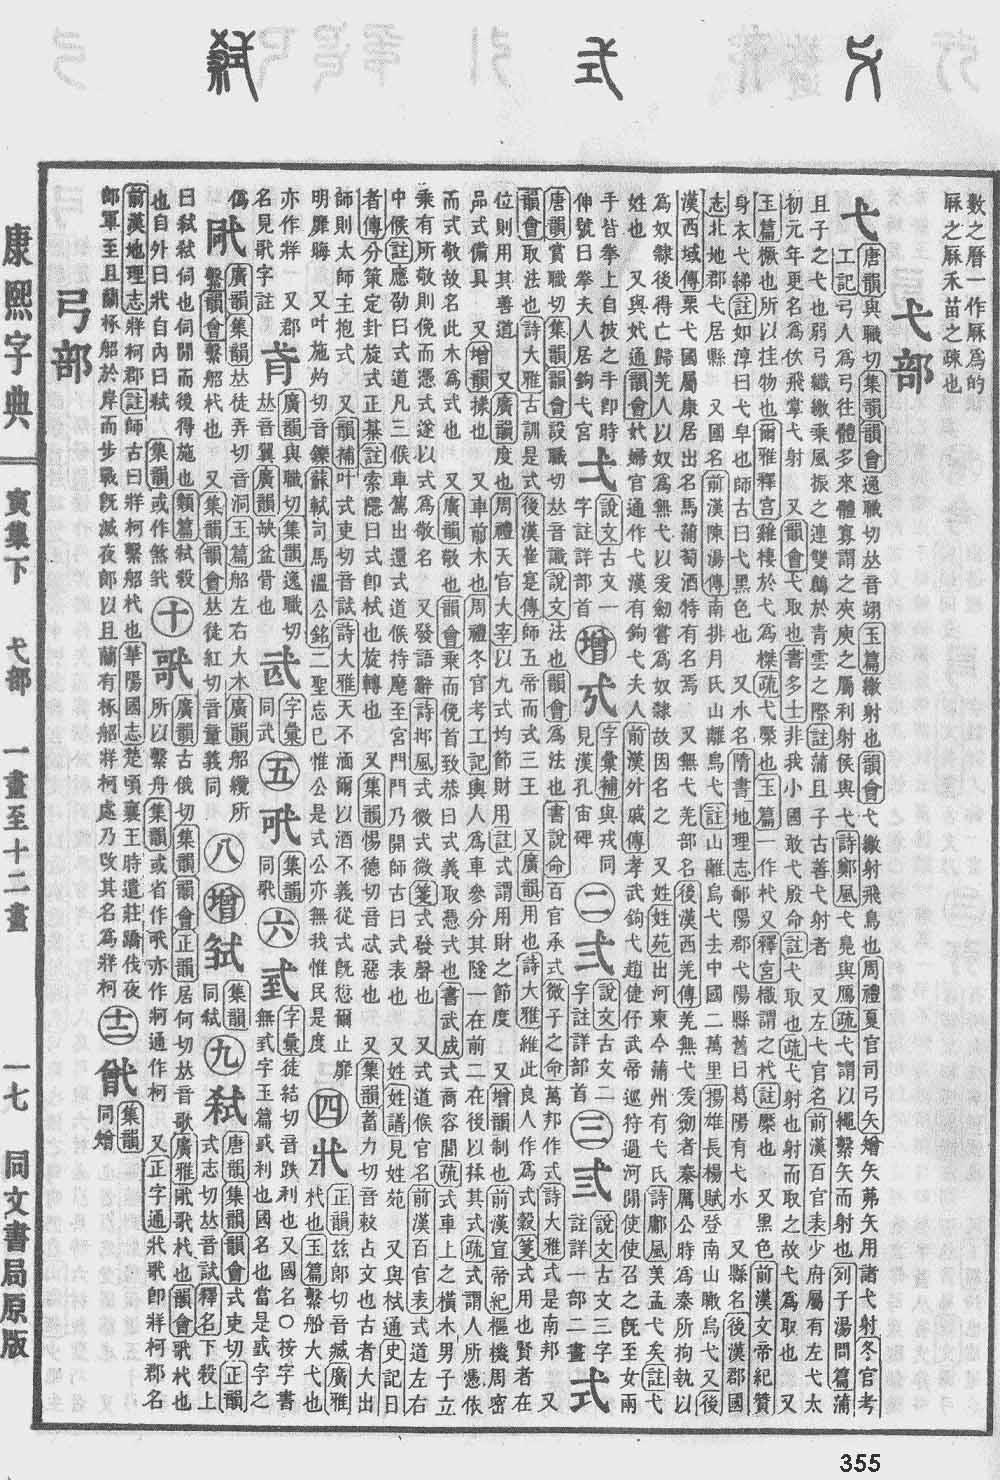 《康熙字典》第355页